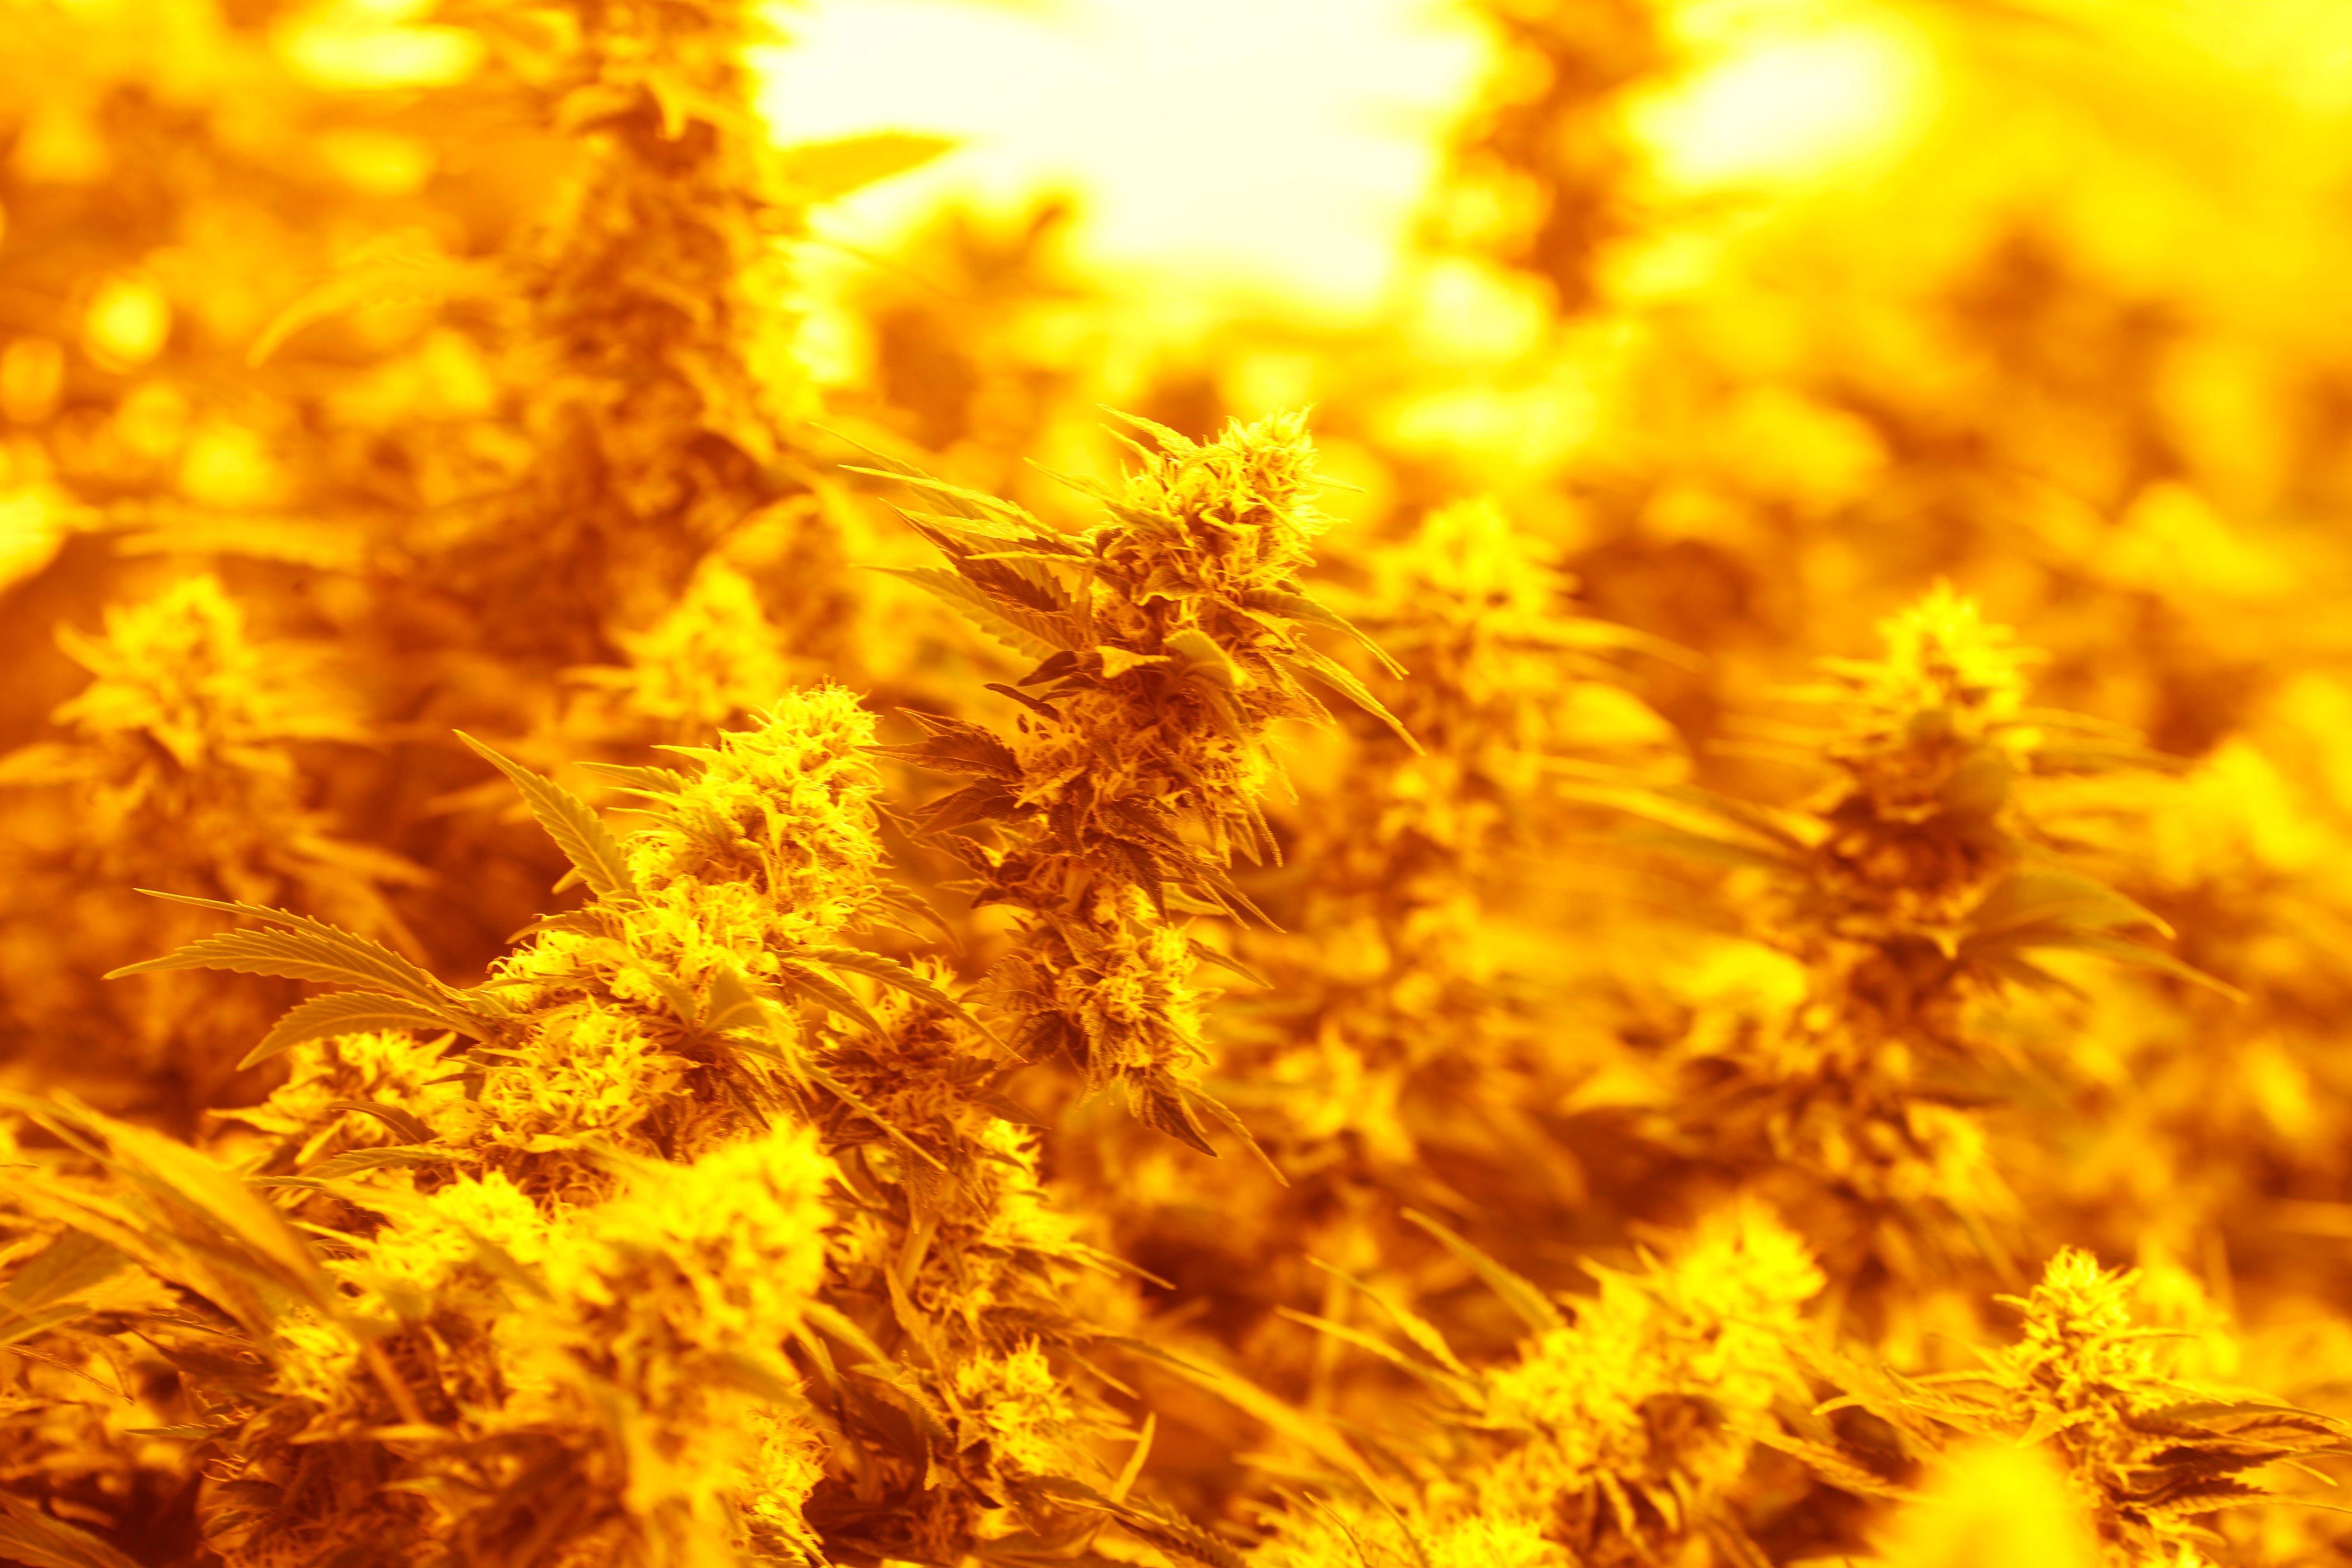 Medical marijuana sales are taking a nosedive in Colorado